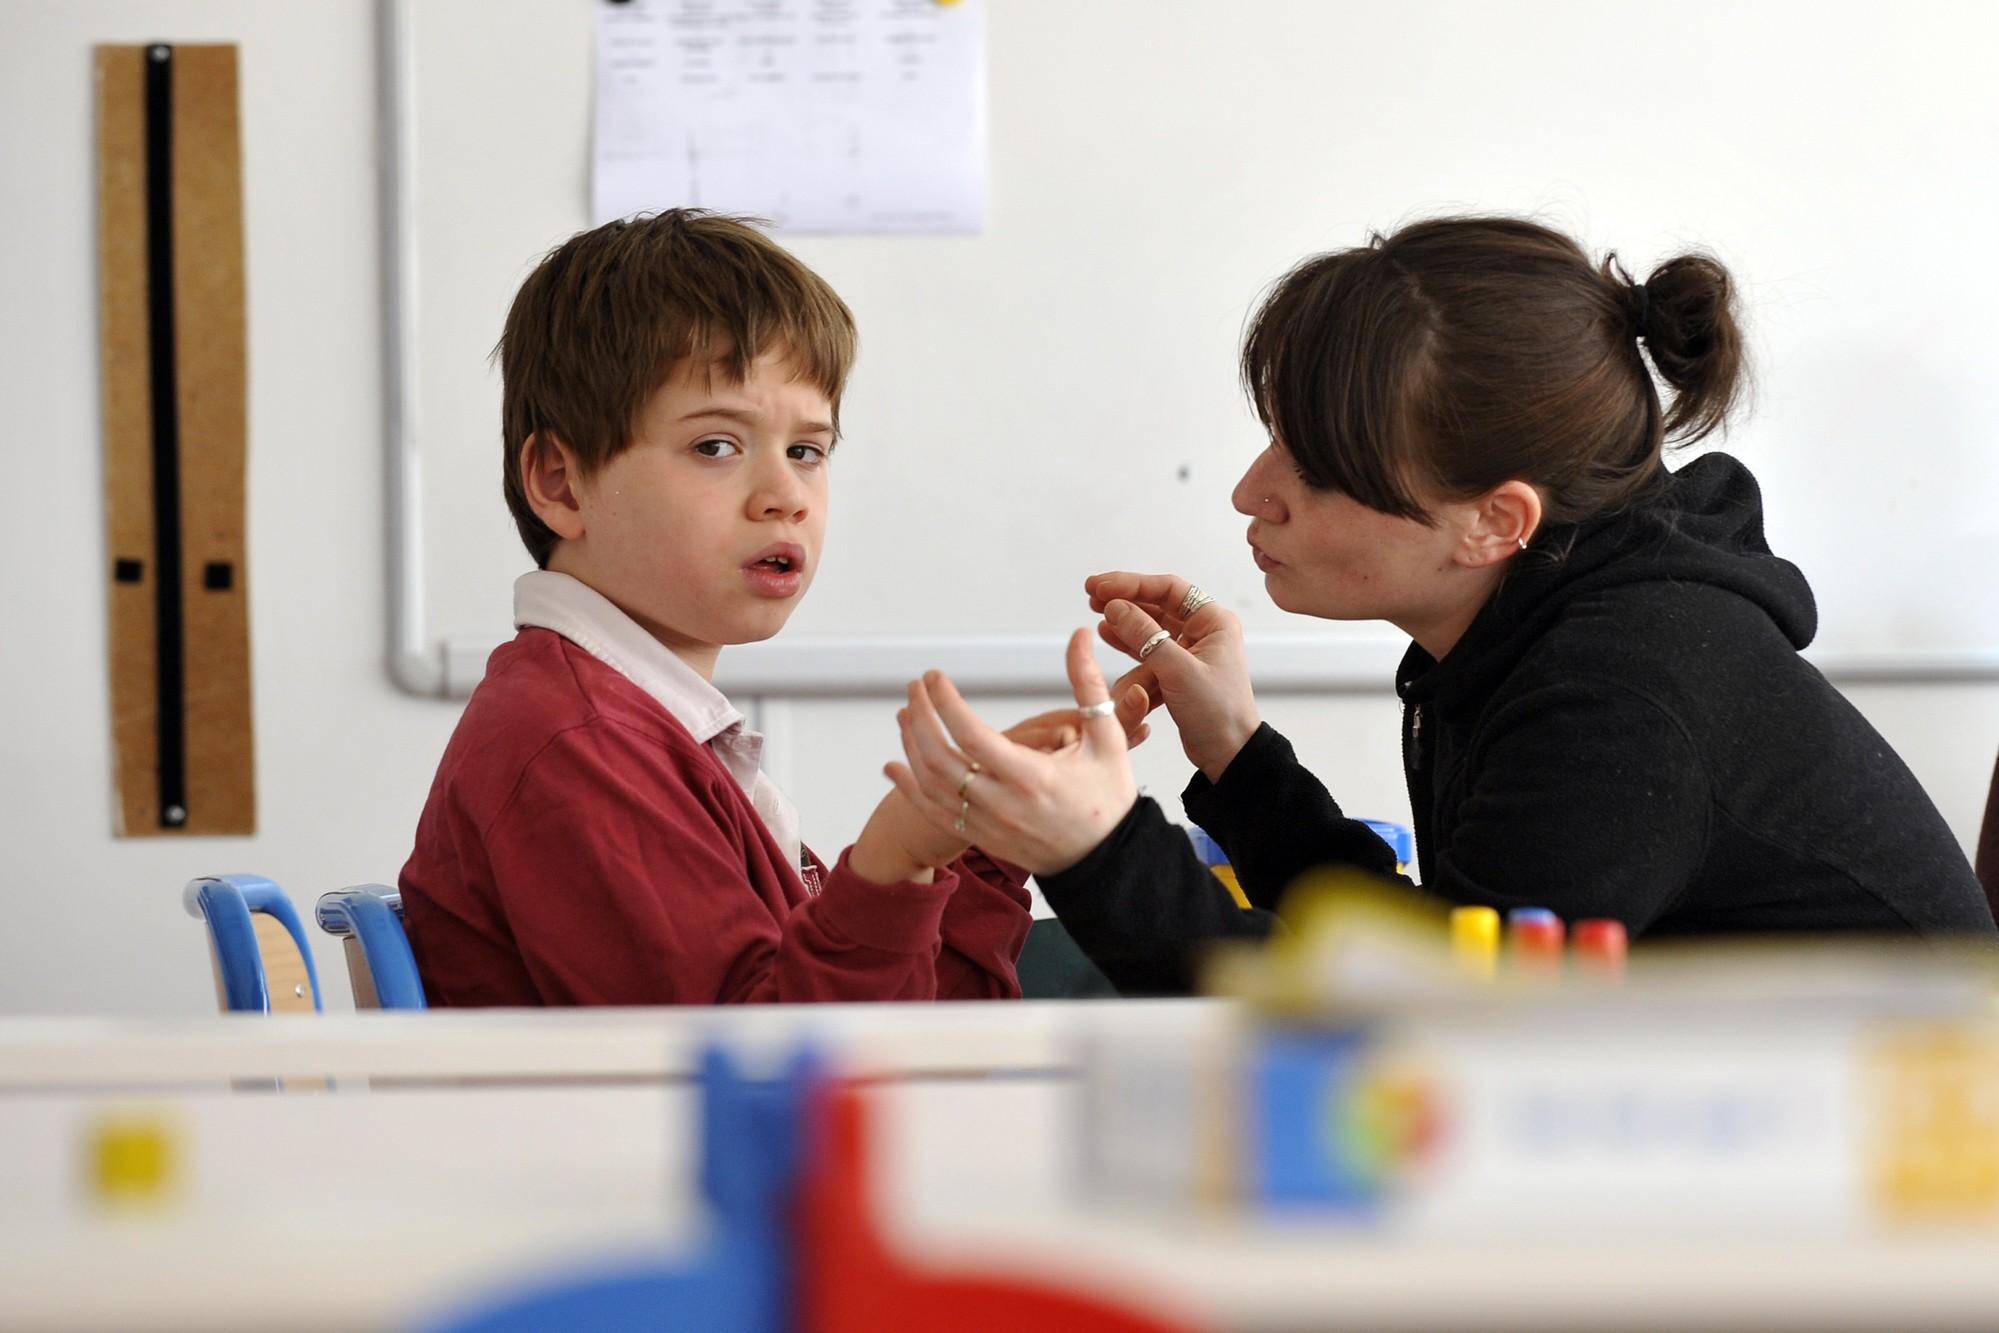 Contexte propice au développement, à l'apprentissage et à la réussite scolaire??